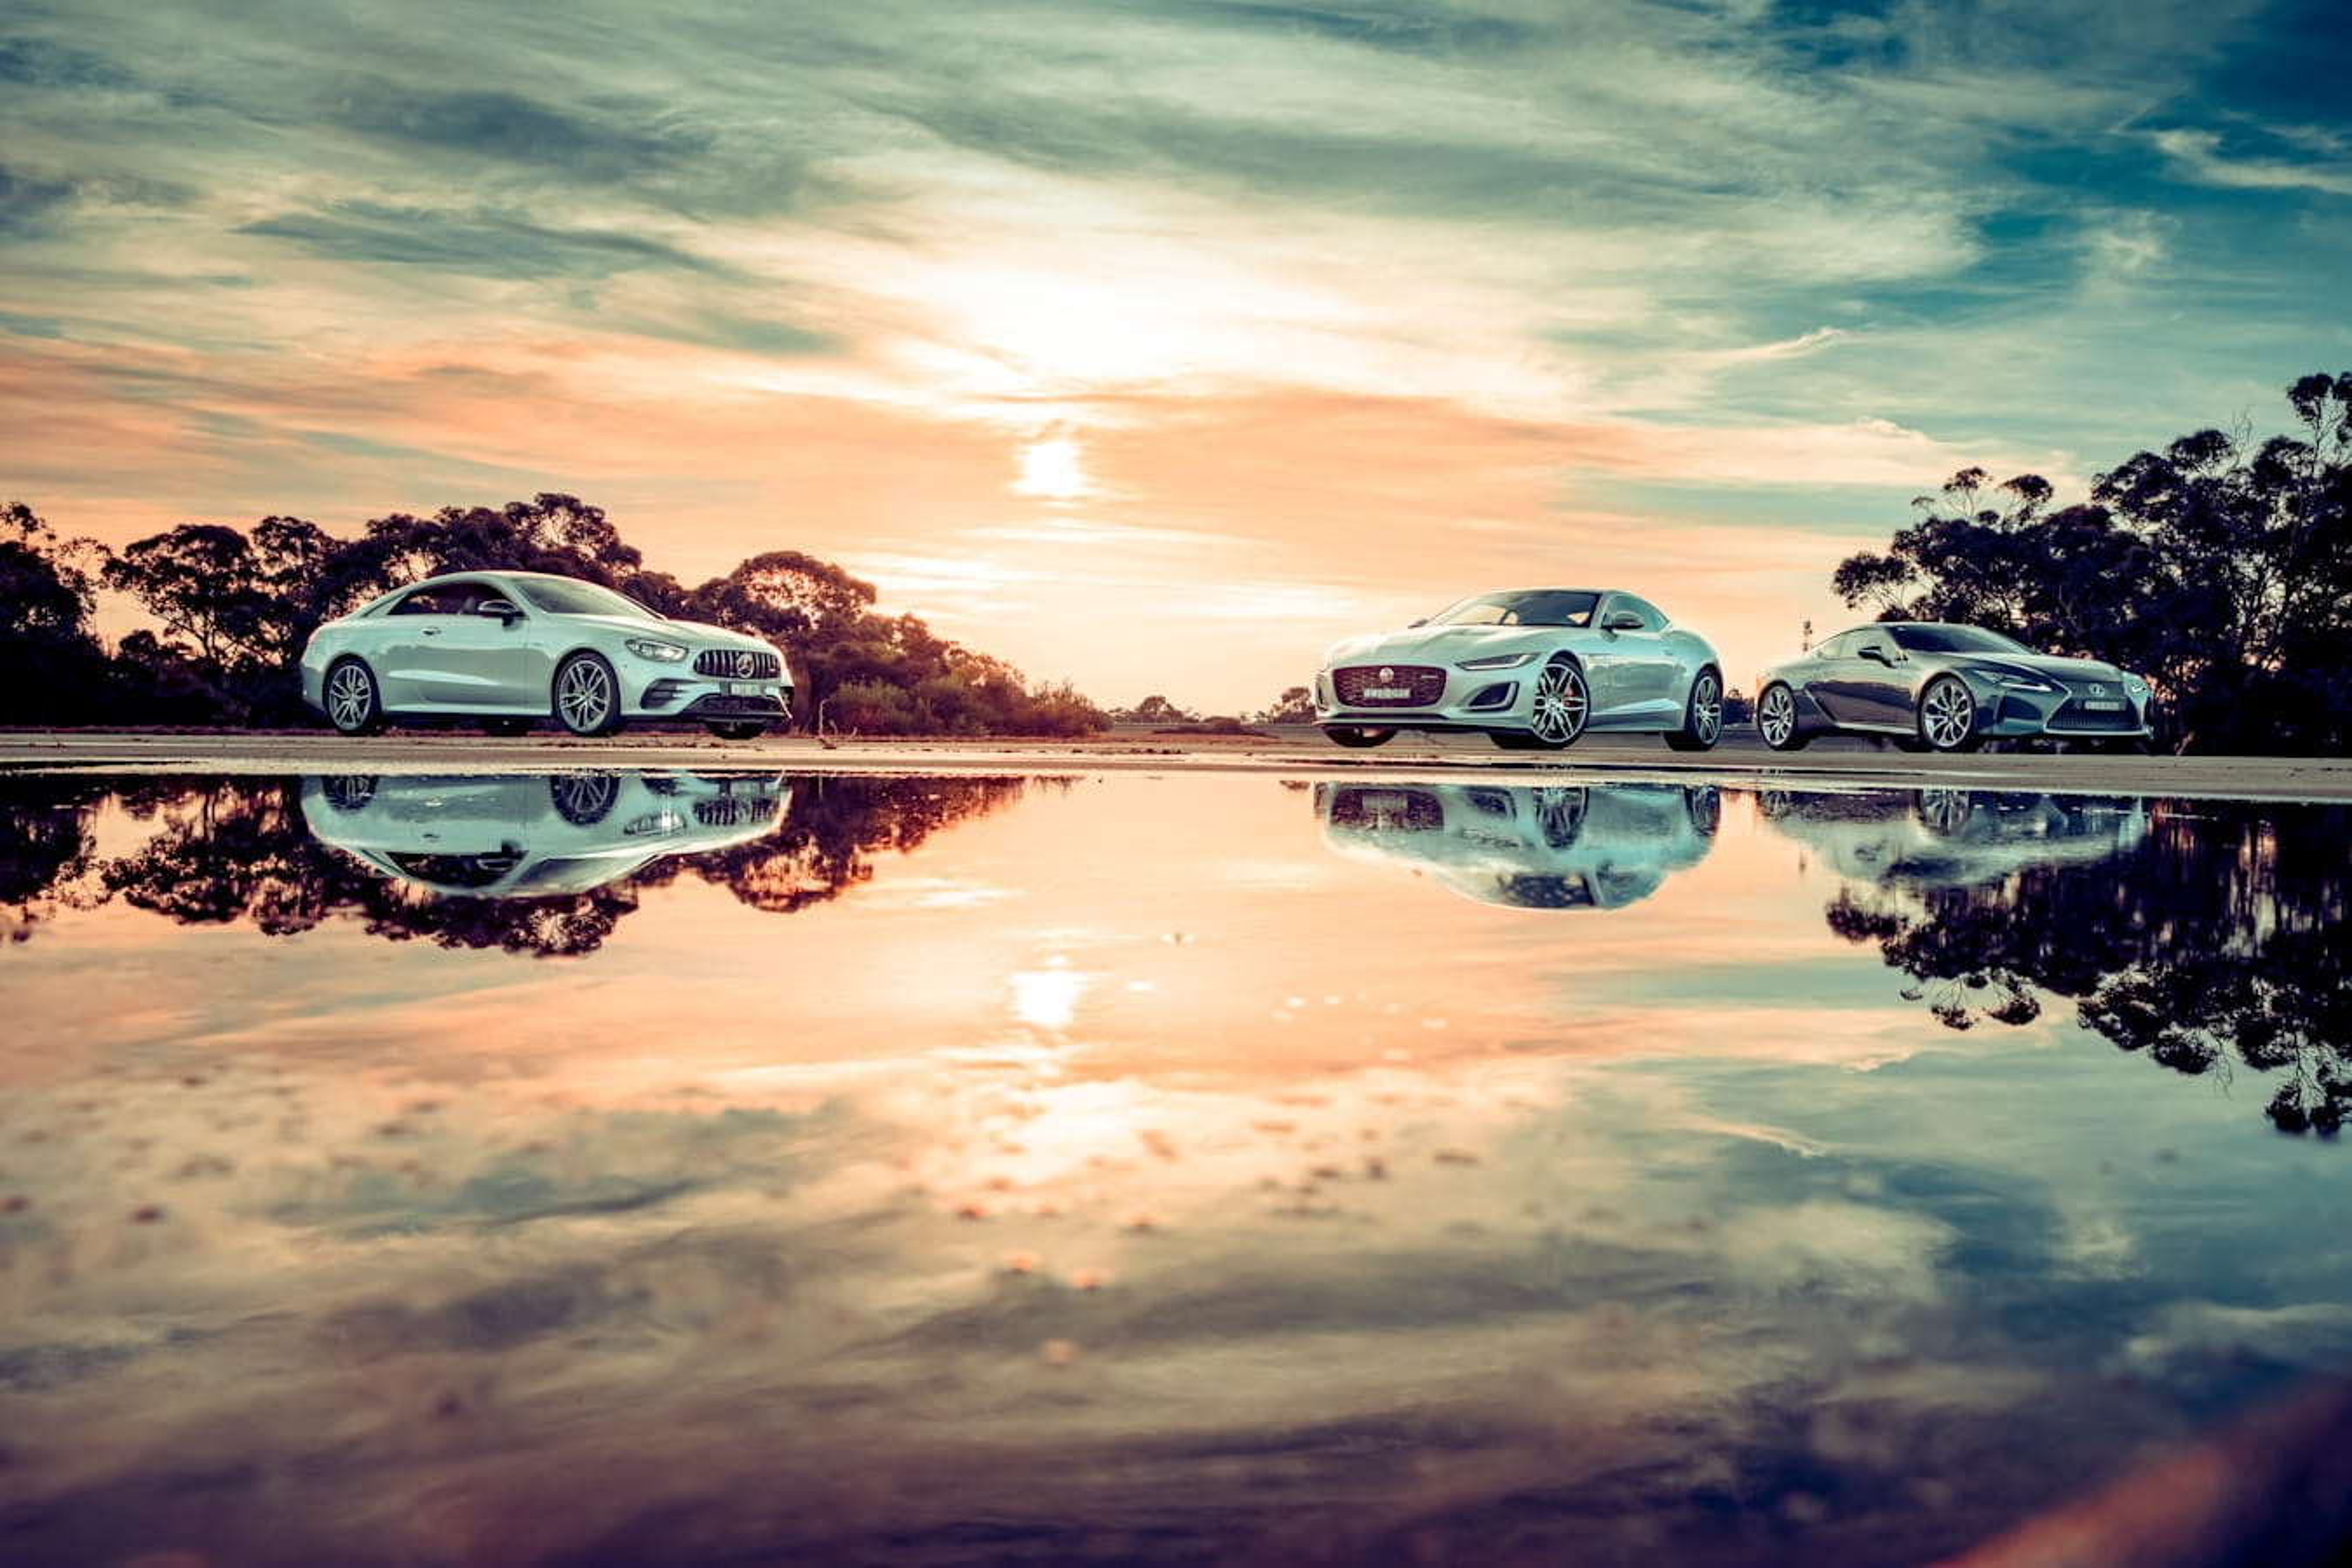 Motor Reviews Jaguar F Type P 380 R Dynamic Lexus LC 500 Mercedes AMG E 53 Coupe Comparison 73